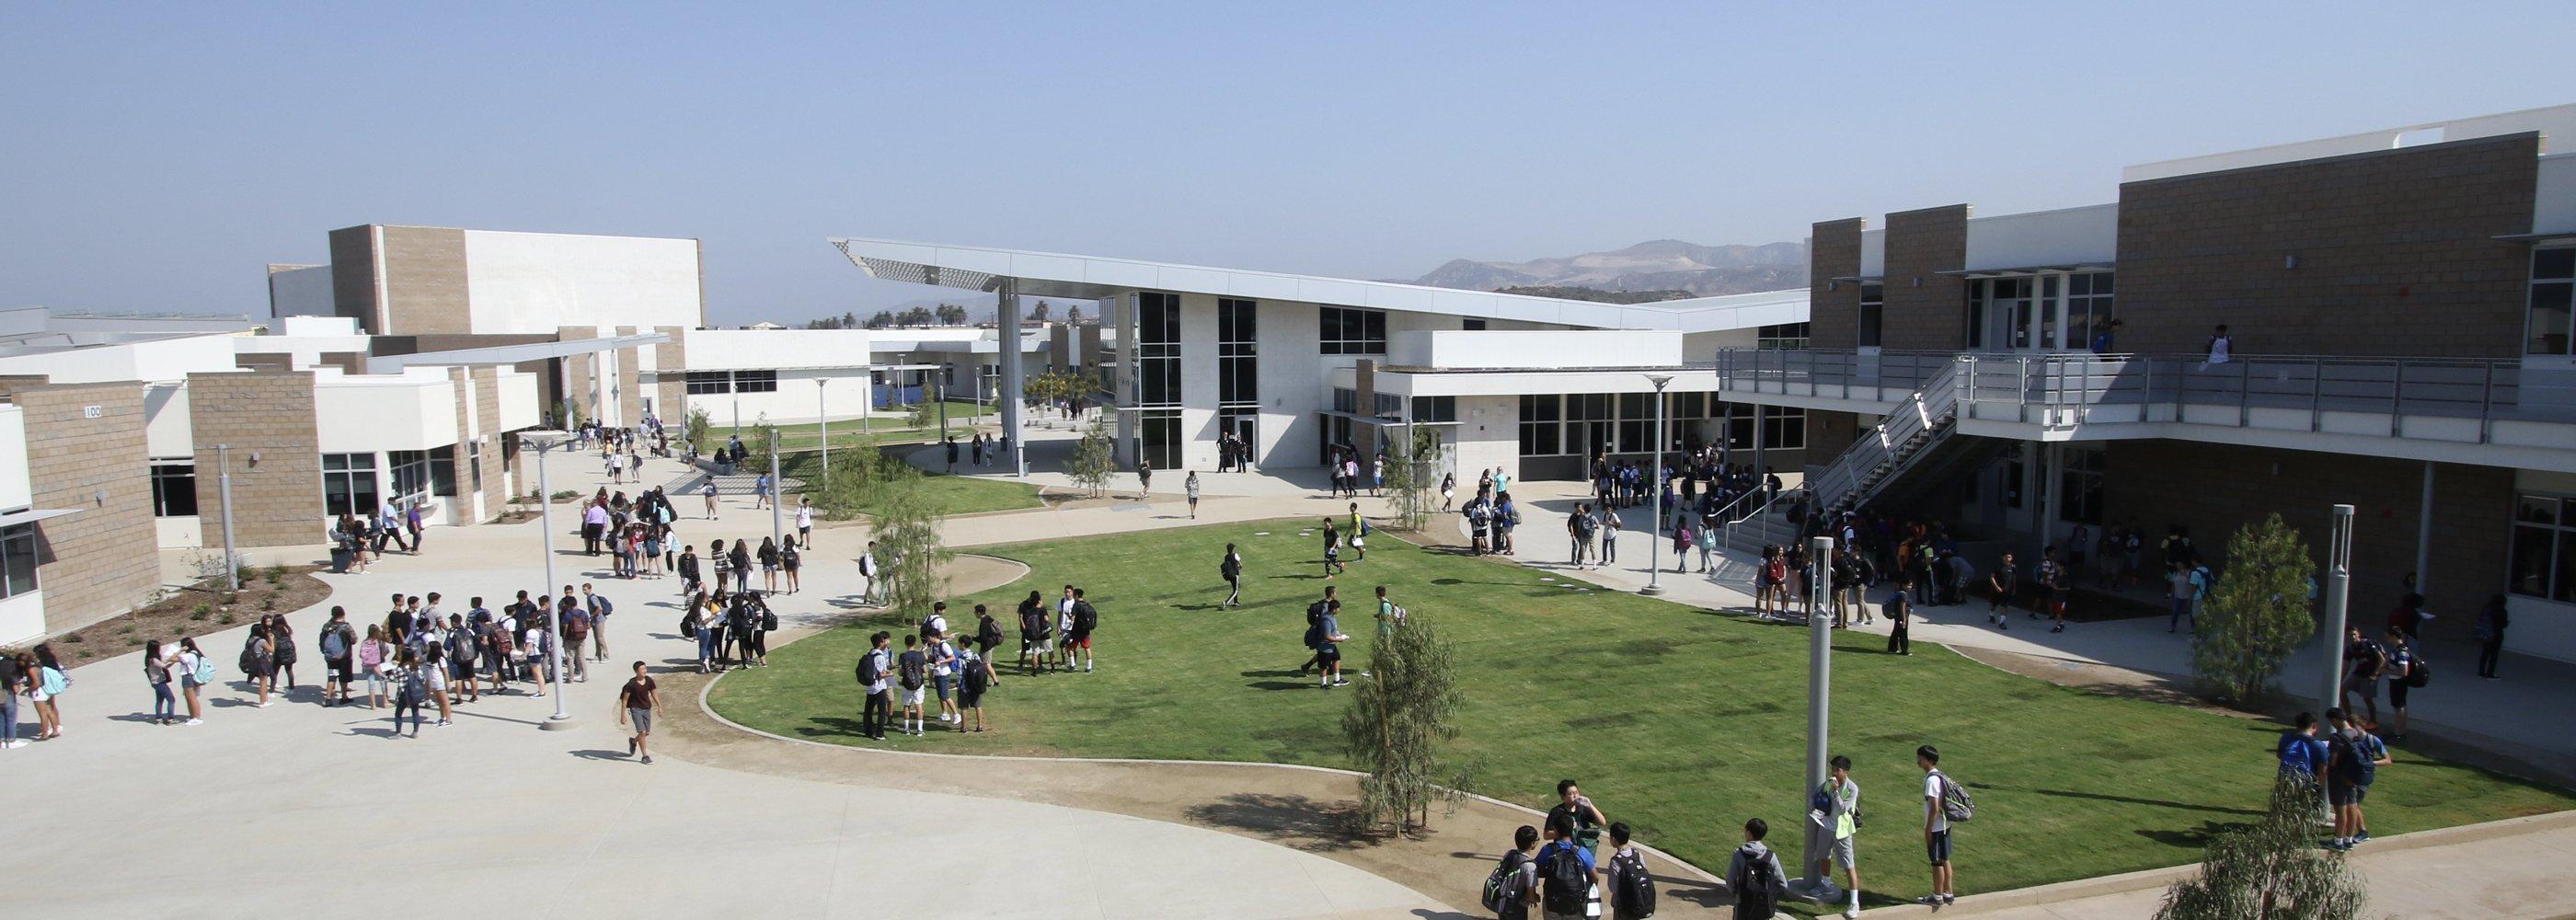 PHS Campus photo